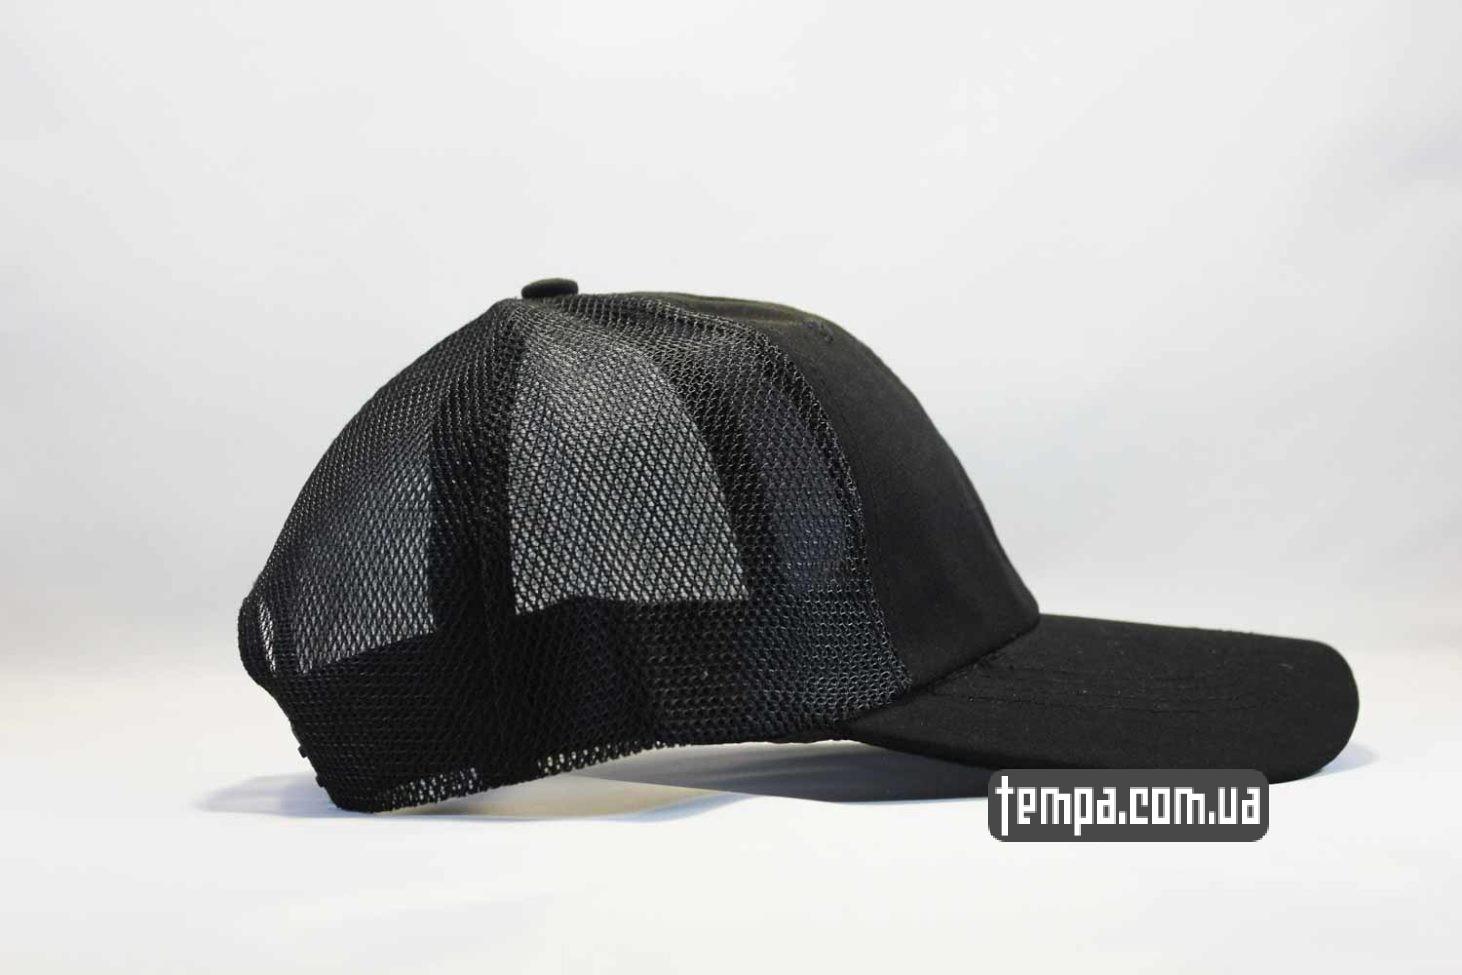 фила украина купить оригинал кепка бейсболка FILA черная black trucker с сеточкой